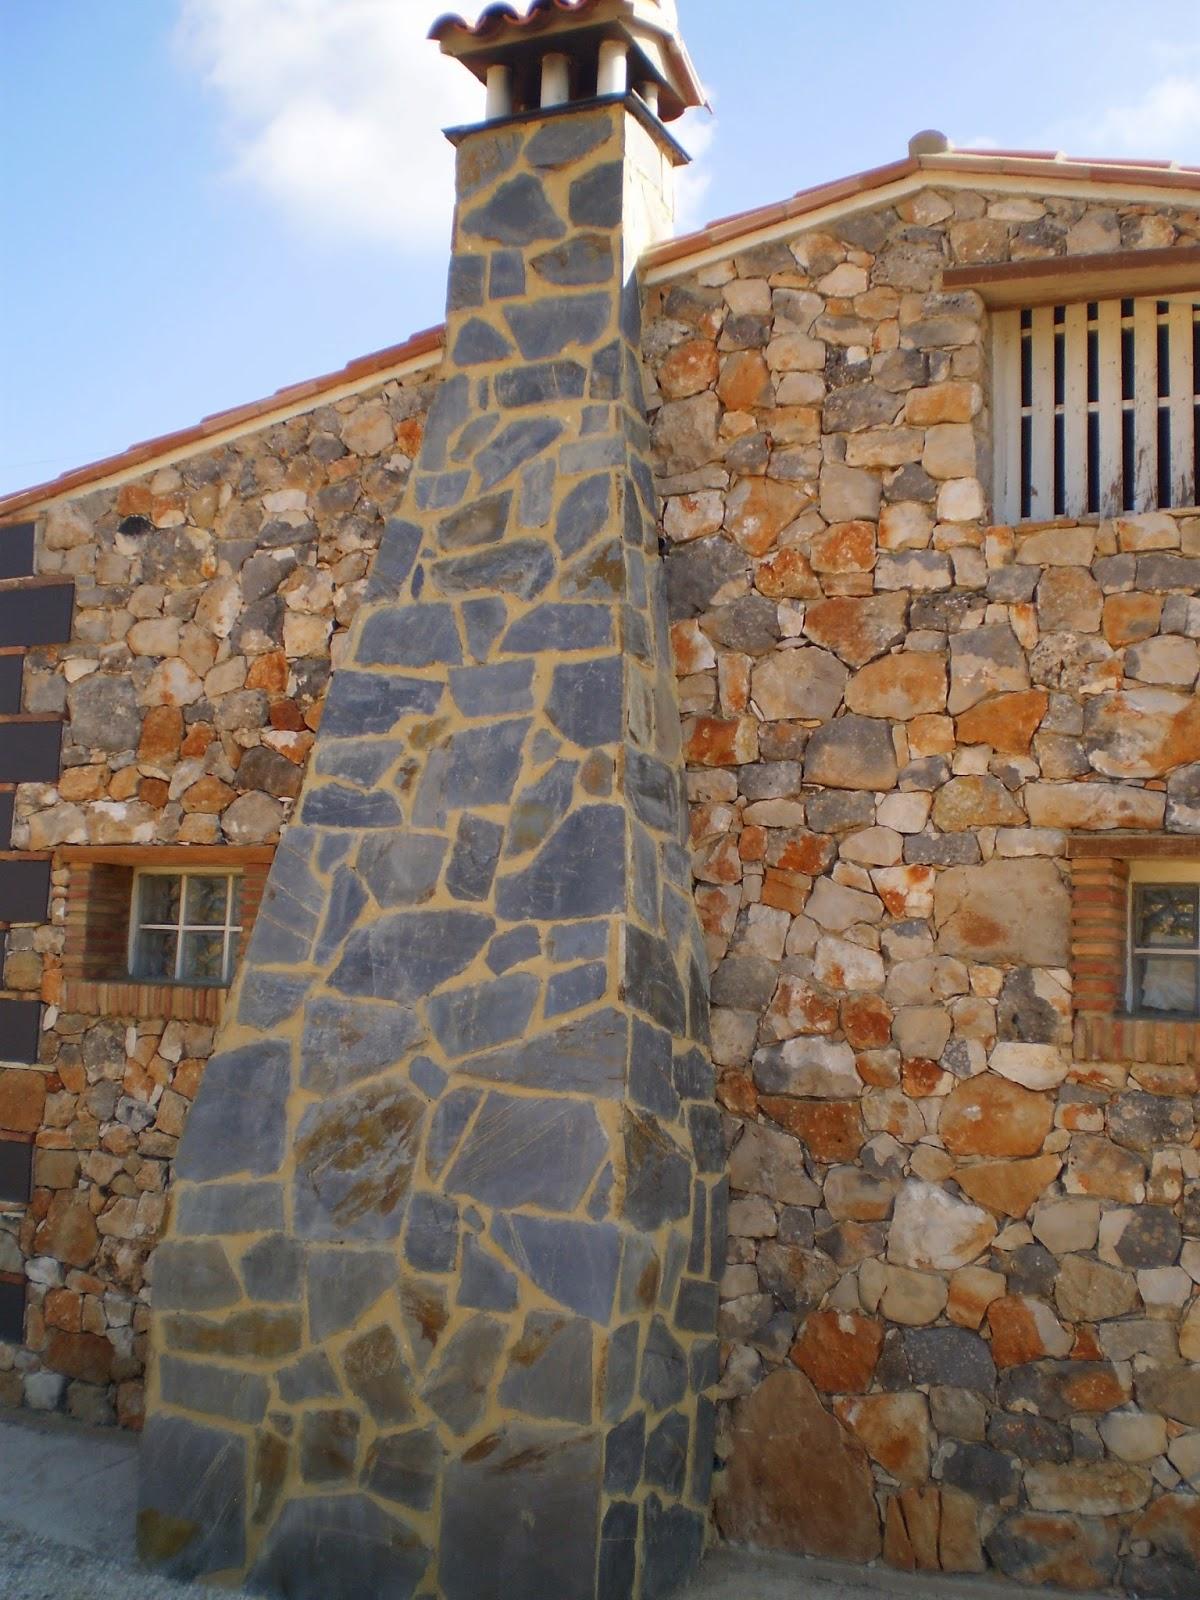 Ver chimeneas rusticas stunning al calor del fuego de una - Tiros de chimeneas rusticas ...